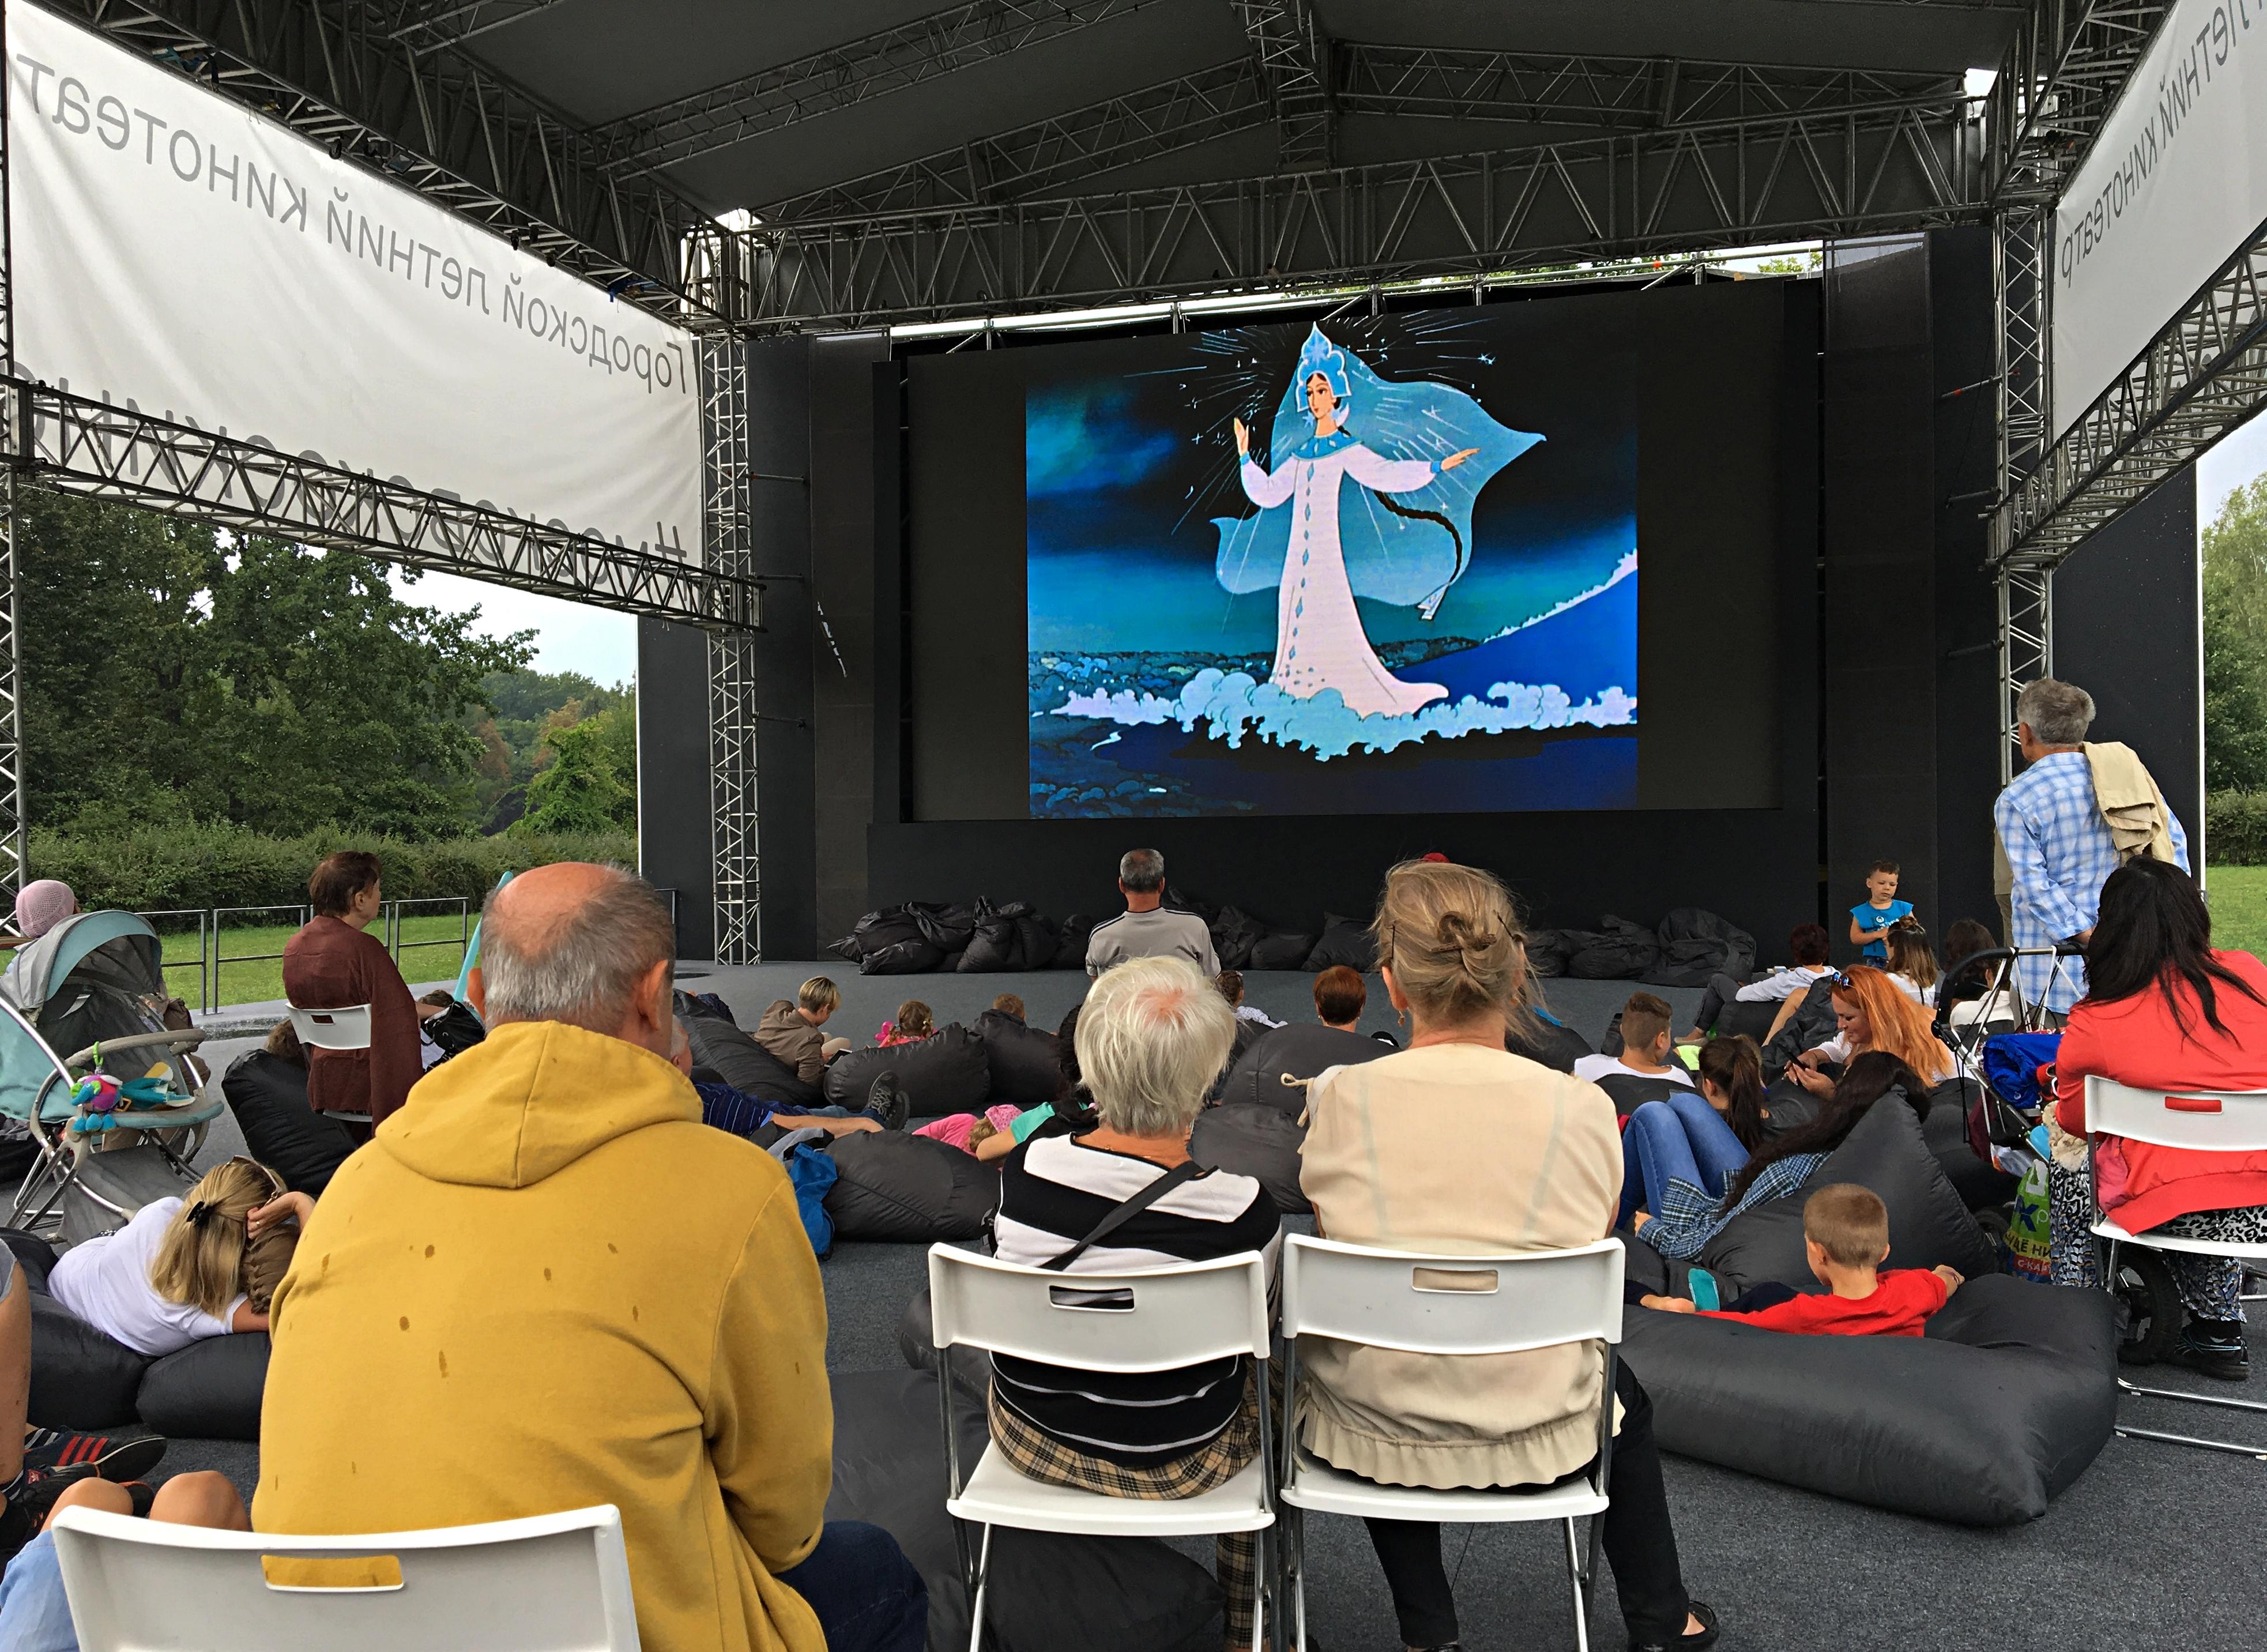 Кино и активный отдых: жители Новой Москвы смогут посетить кинофестиваль и спортивные соревнования